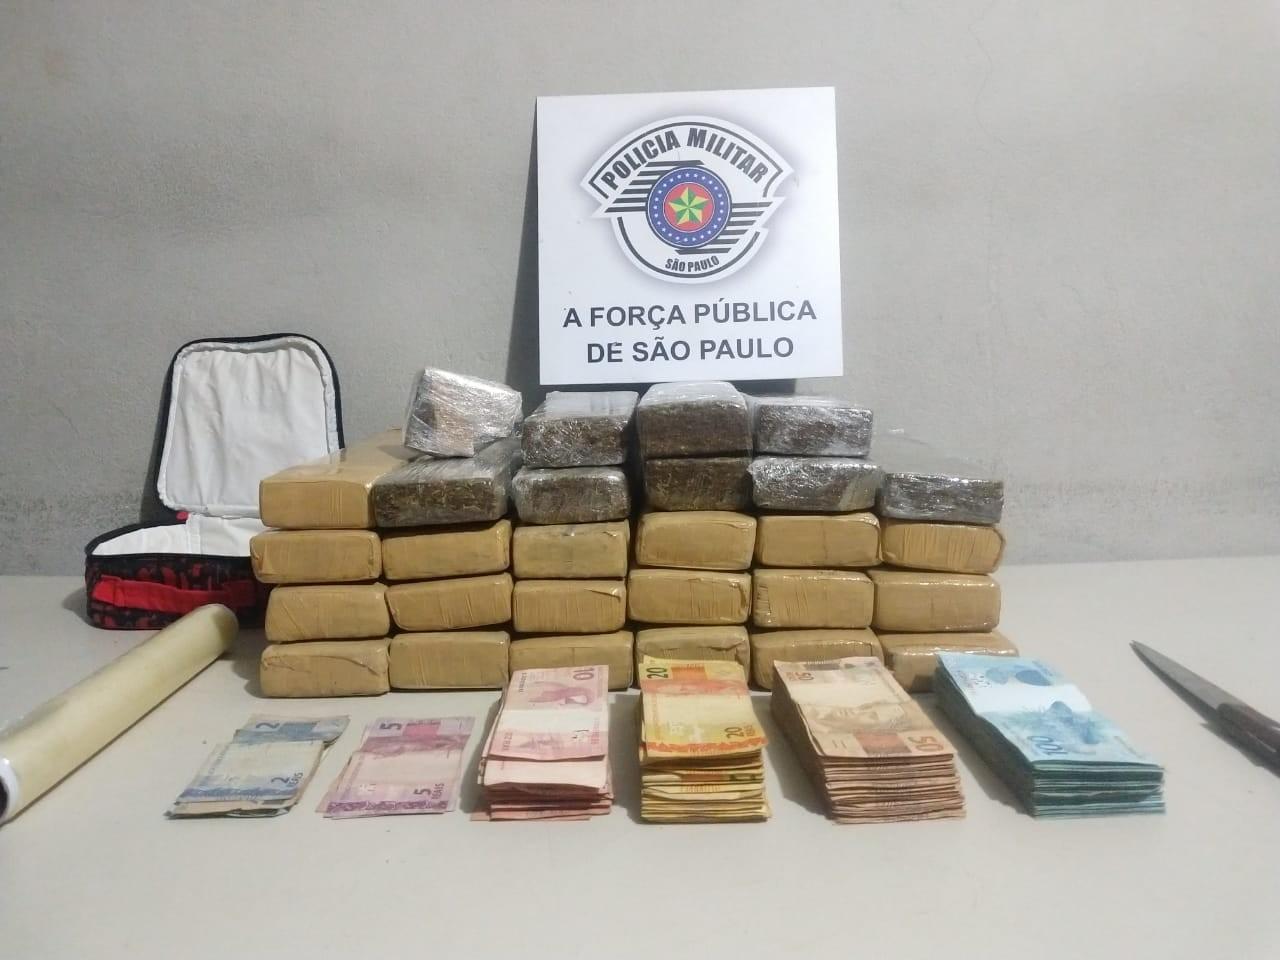 Homem é preso com drogas e dinheiro dentro de casa em Assis